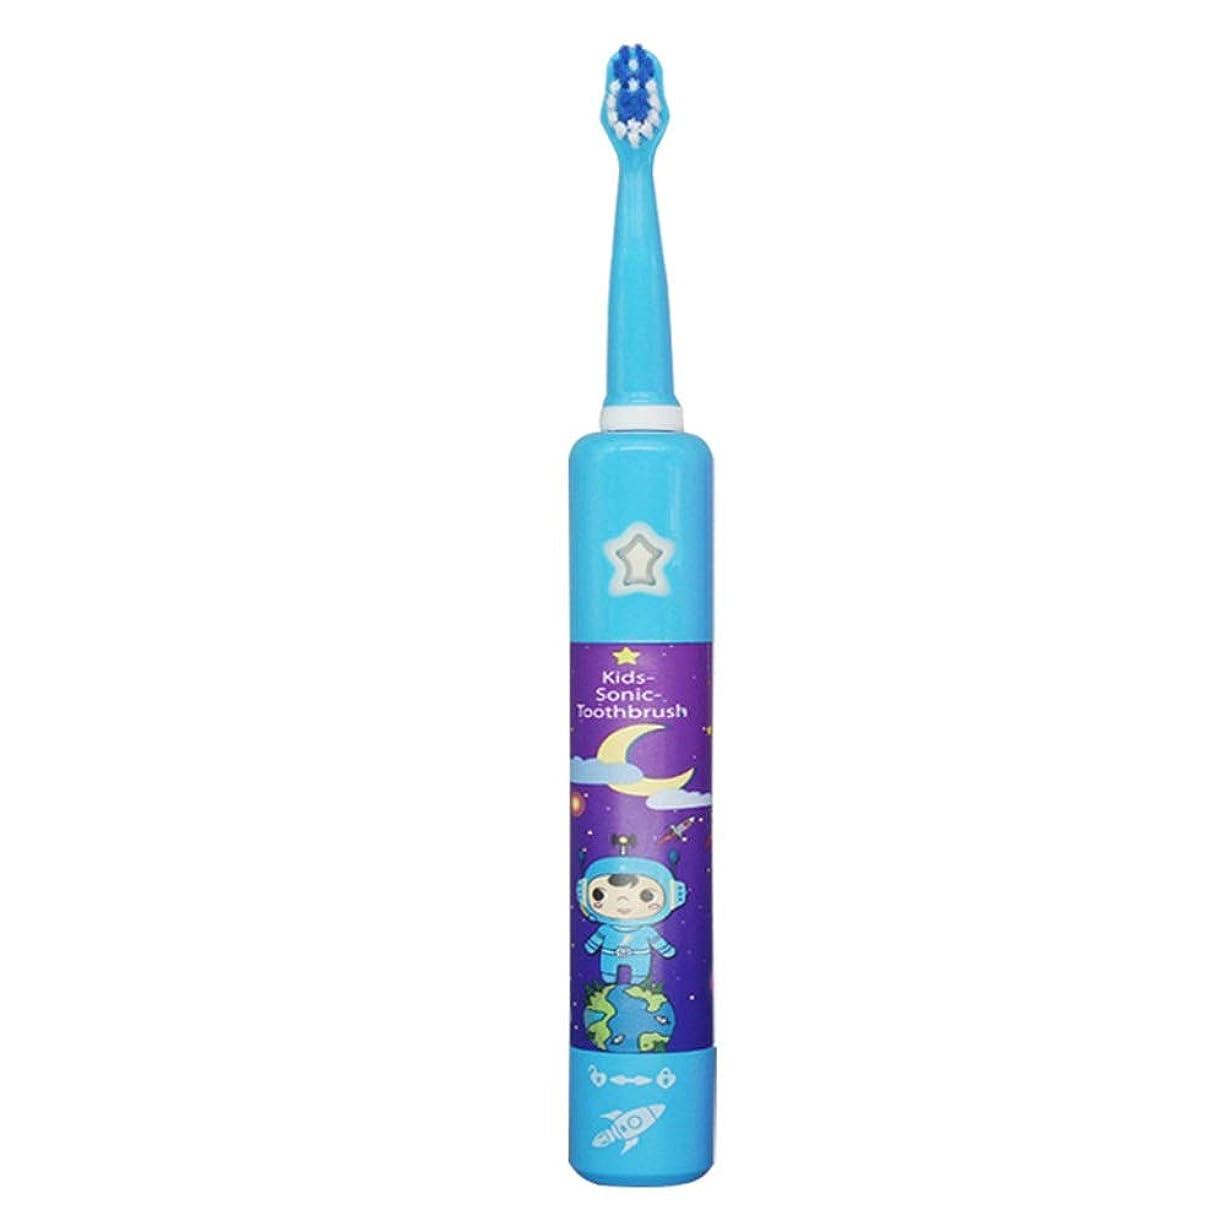 キャンペーン微妙こどもの宮殿電動歯ブラシ 子供の電気USB充電式歯ブラシかわいい柔らかい髪音楽歯ブラシホルダーと1つの交換用ヘッド (色 : 青, サイズ : Free size)